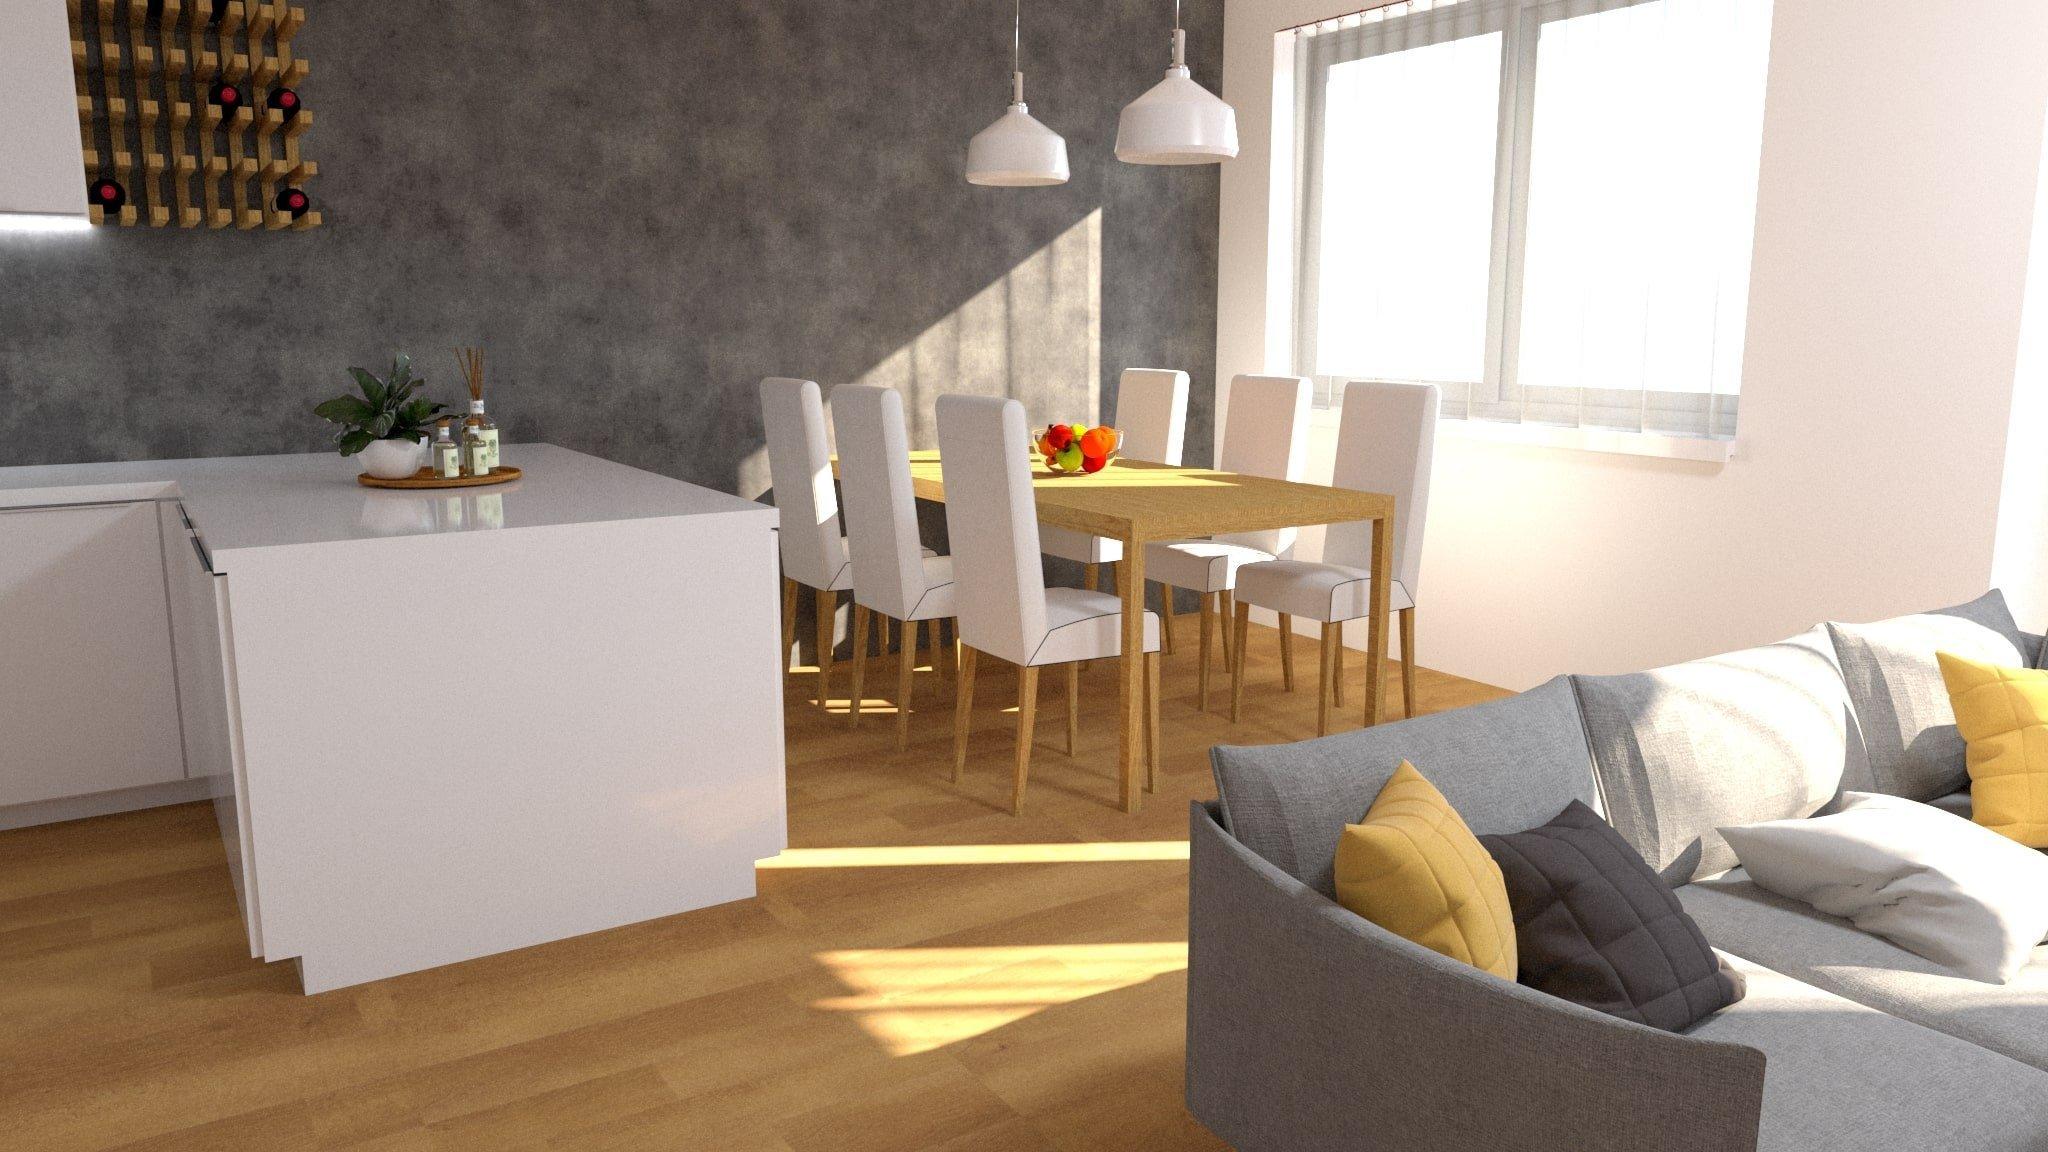 Vizualizace interiéru pro mladý pár.  V tomto ineriéru jsme voliliteplý odstíndřeva na podlaze v kombinaci betonové stěrky v tmavě šedém…